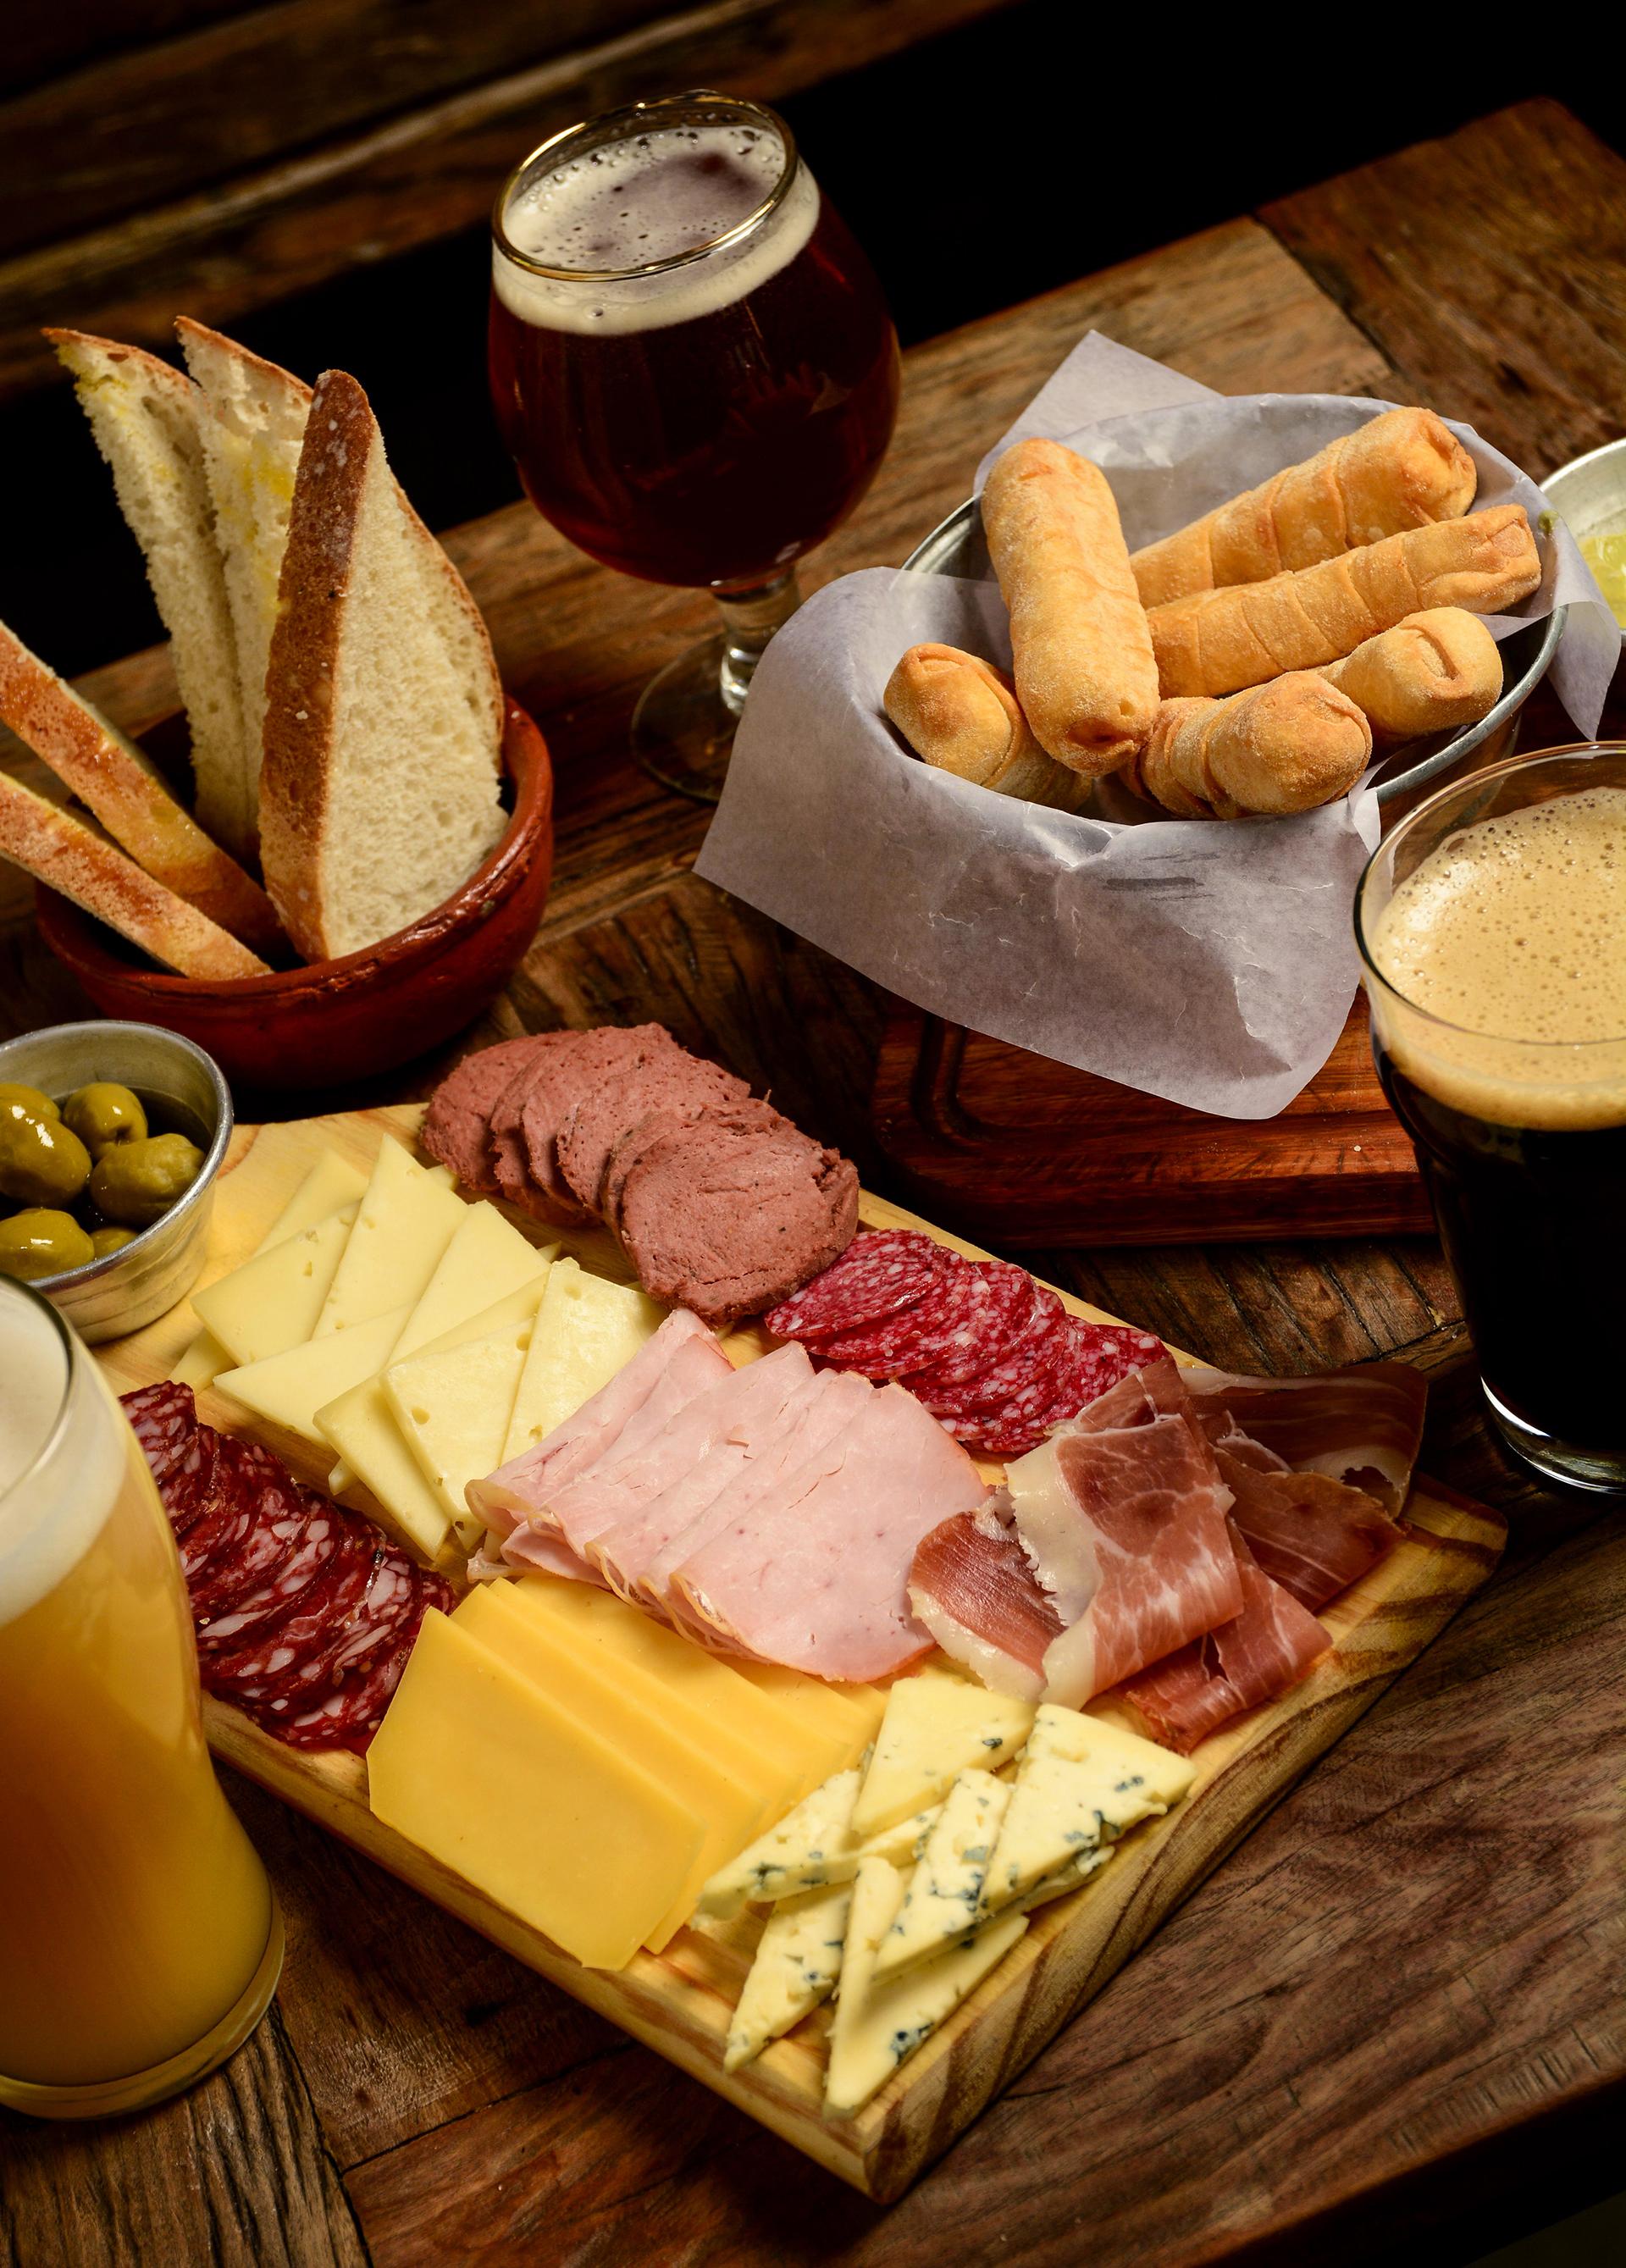 Invita a terminar cada día con las mejores cervezas artesanales del país. Con estos clásicos, exóticos y algunas propias que se pueden disfrutar únicamente en el lugar.